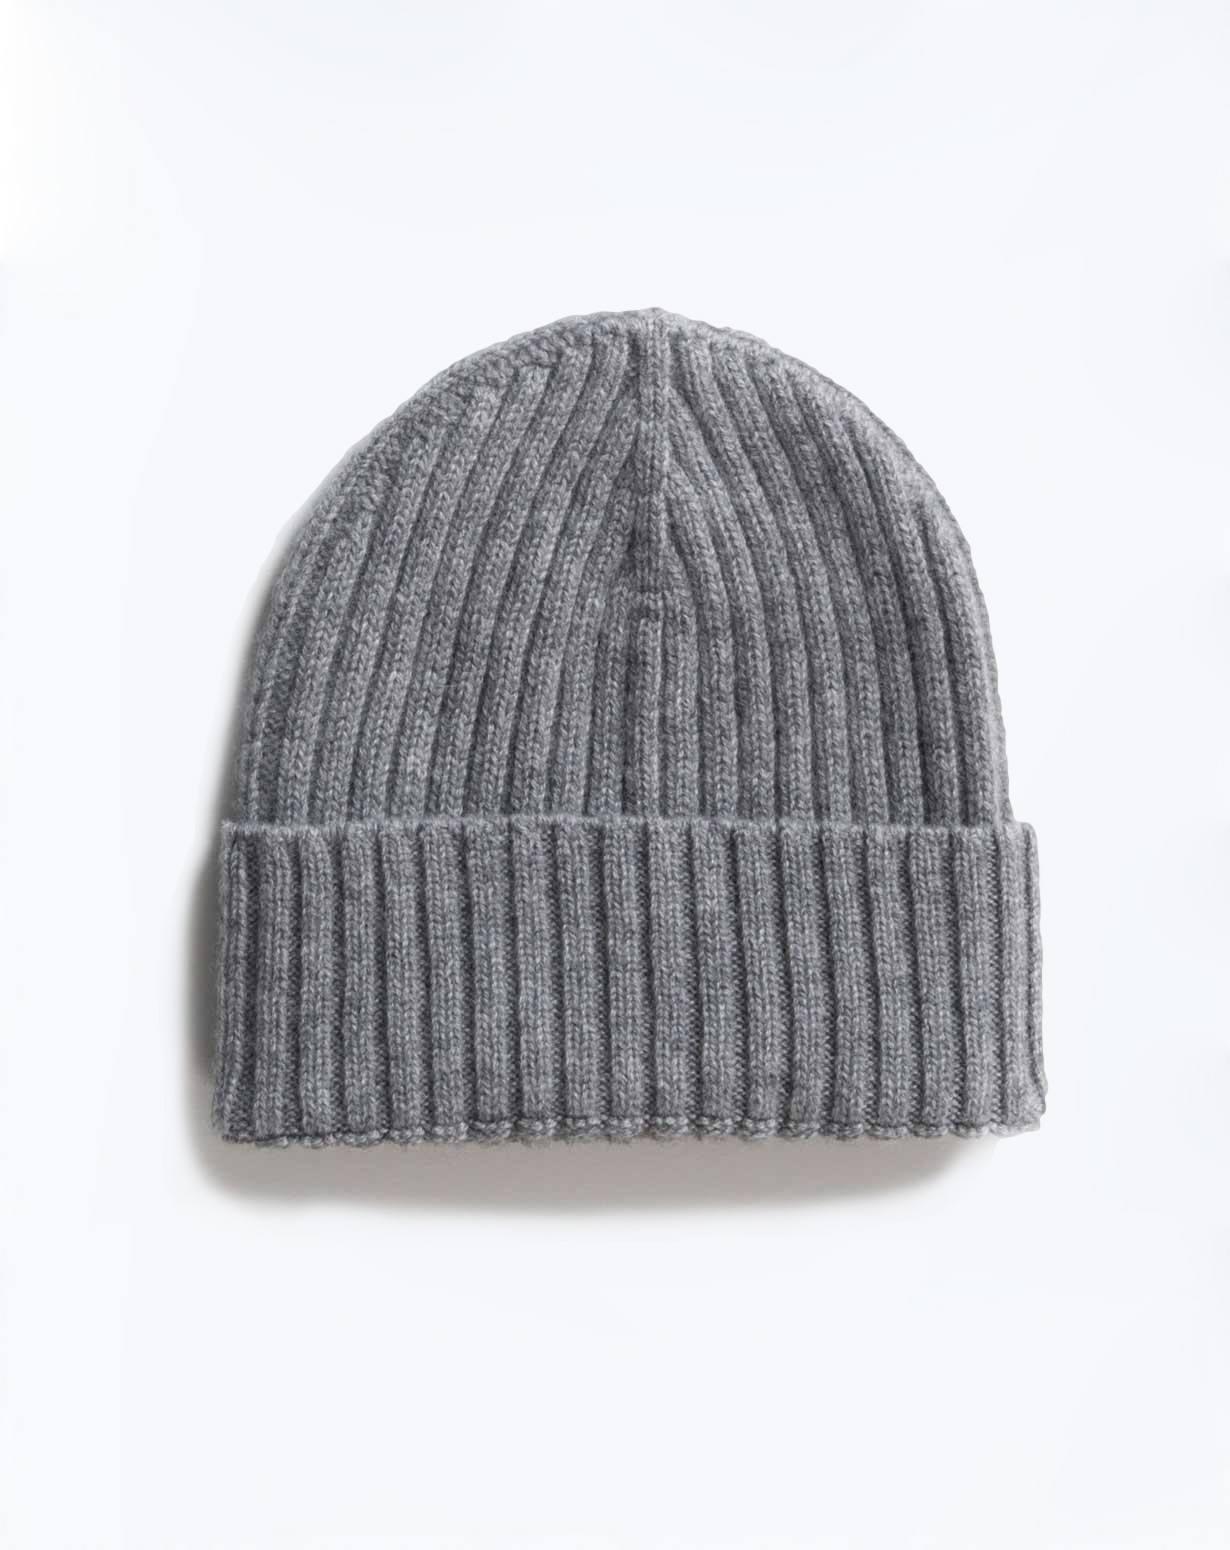 Cappello Lana a Coste in Puro Cashmere  12334c0970e8